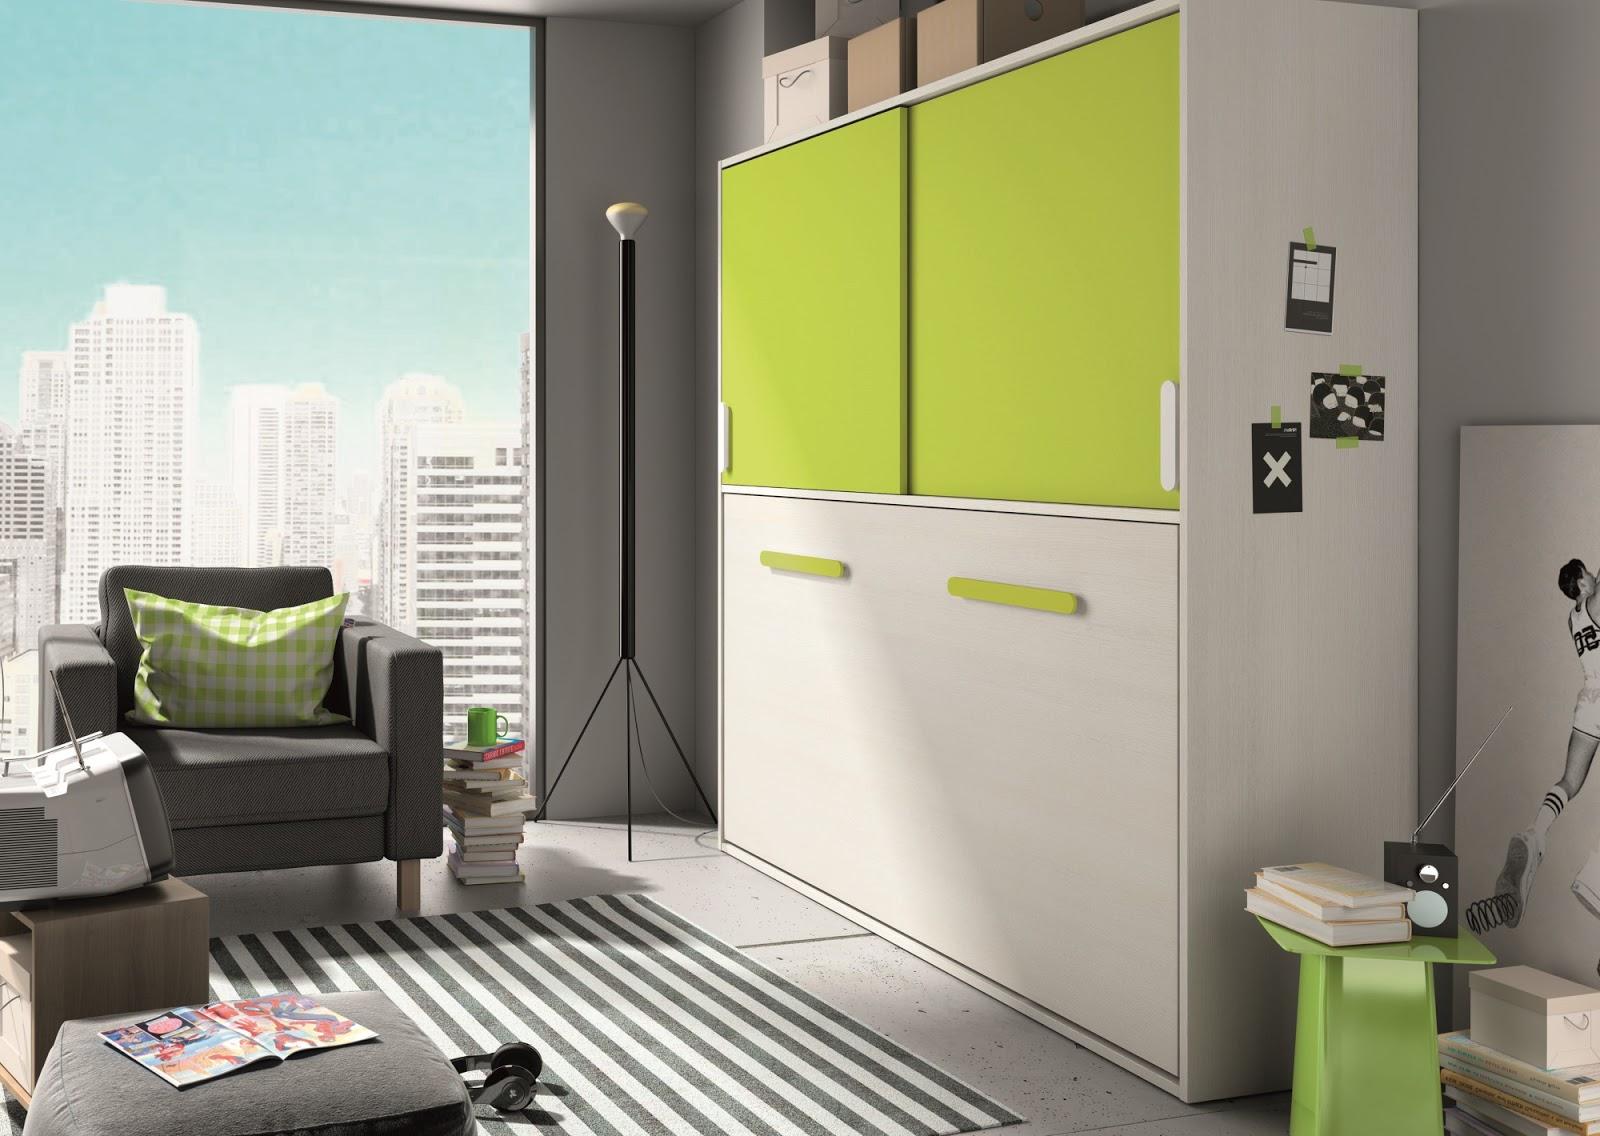 Wall beds ecuador camas abatibles la soluci n m s - Habitaciones juveniles camas abatibles horizontales ...